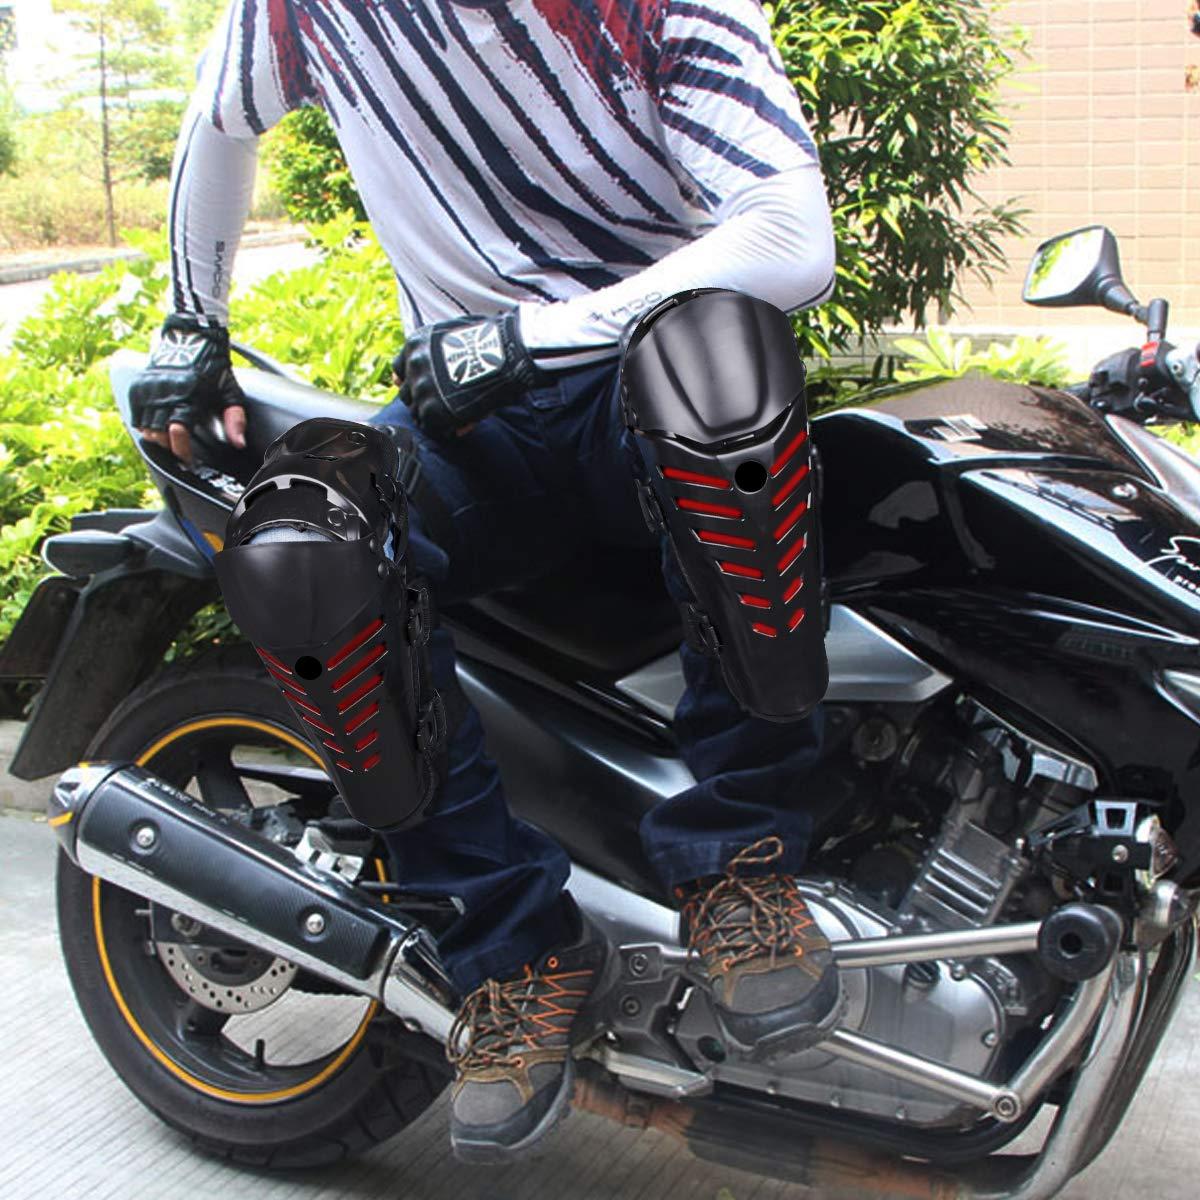 OZUAR Rodilleras de Motocross Protector de Rodilleras Ajustable para Motocross Bicicleta Skate Monopat/ín Rodillera Protecci/ón Adulto 39 /× 11 /× 11 cm